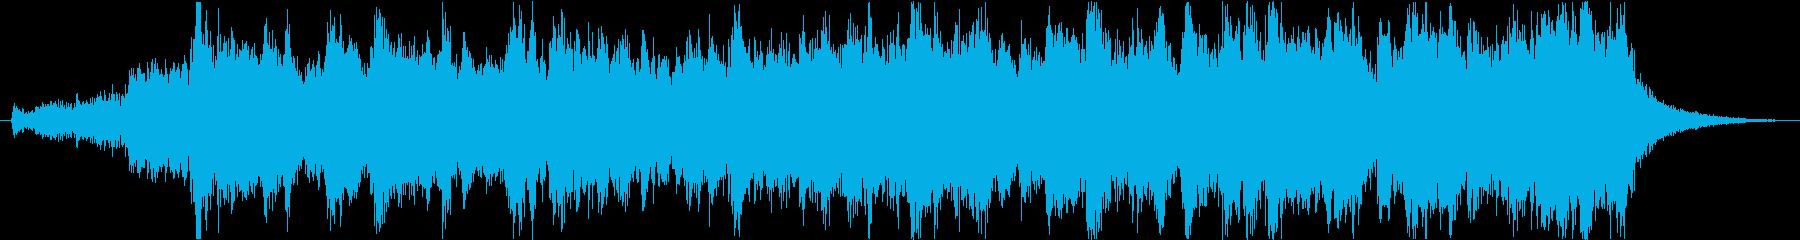 感動シネマティックエピックオーケストラfの再生済みの波形